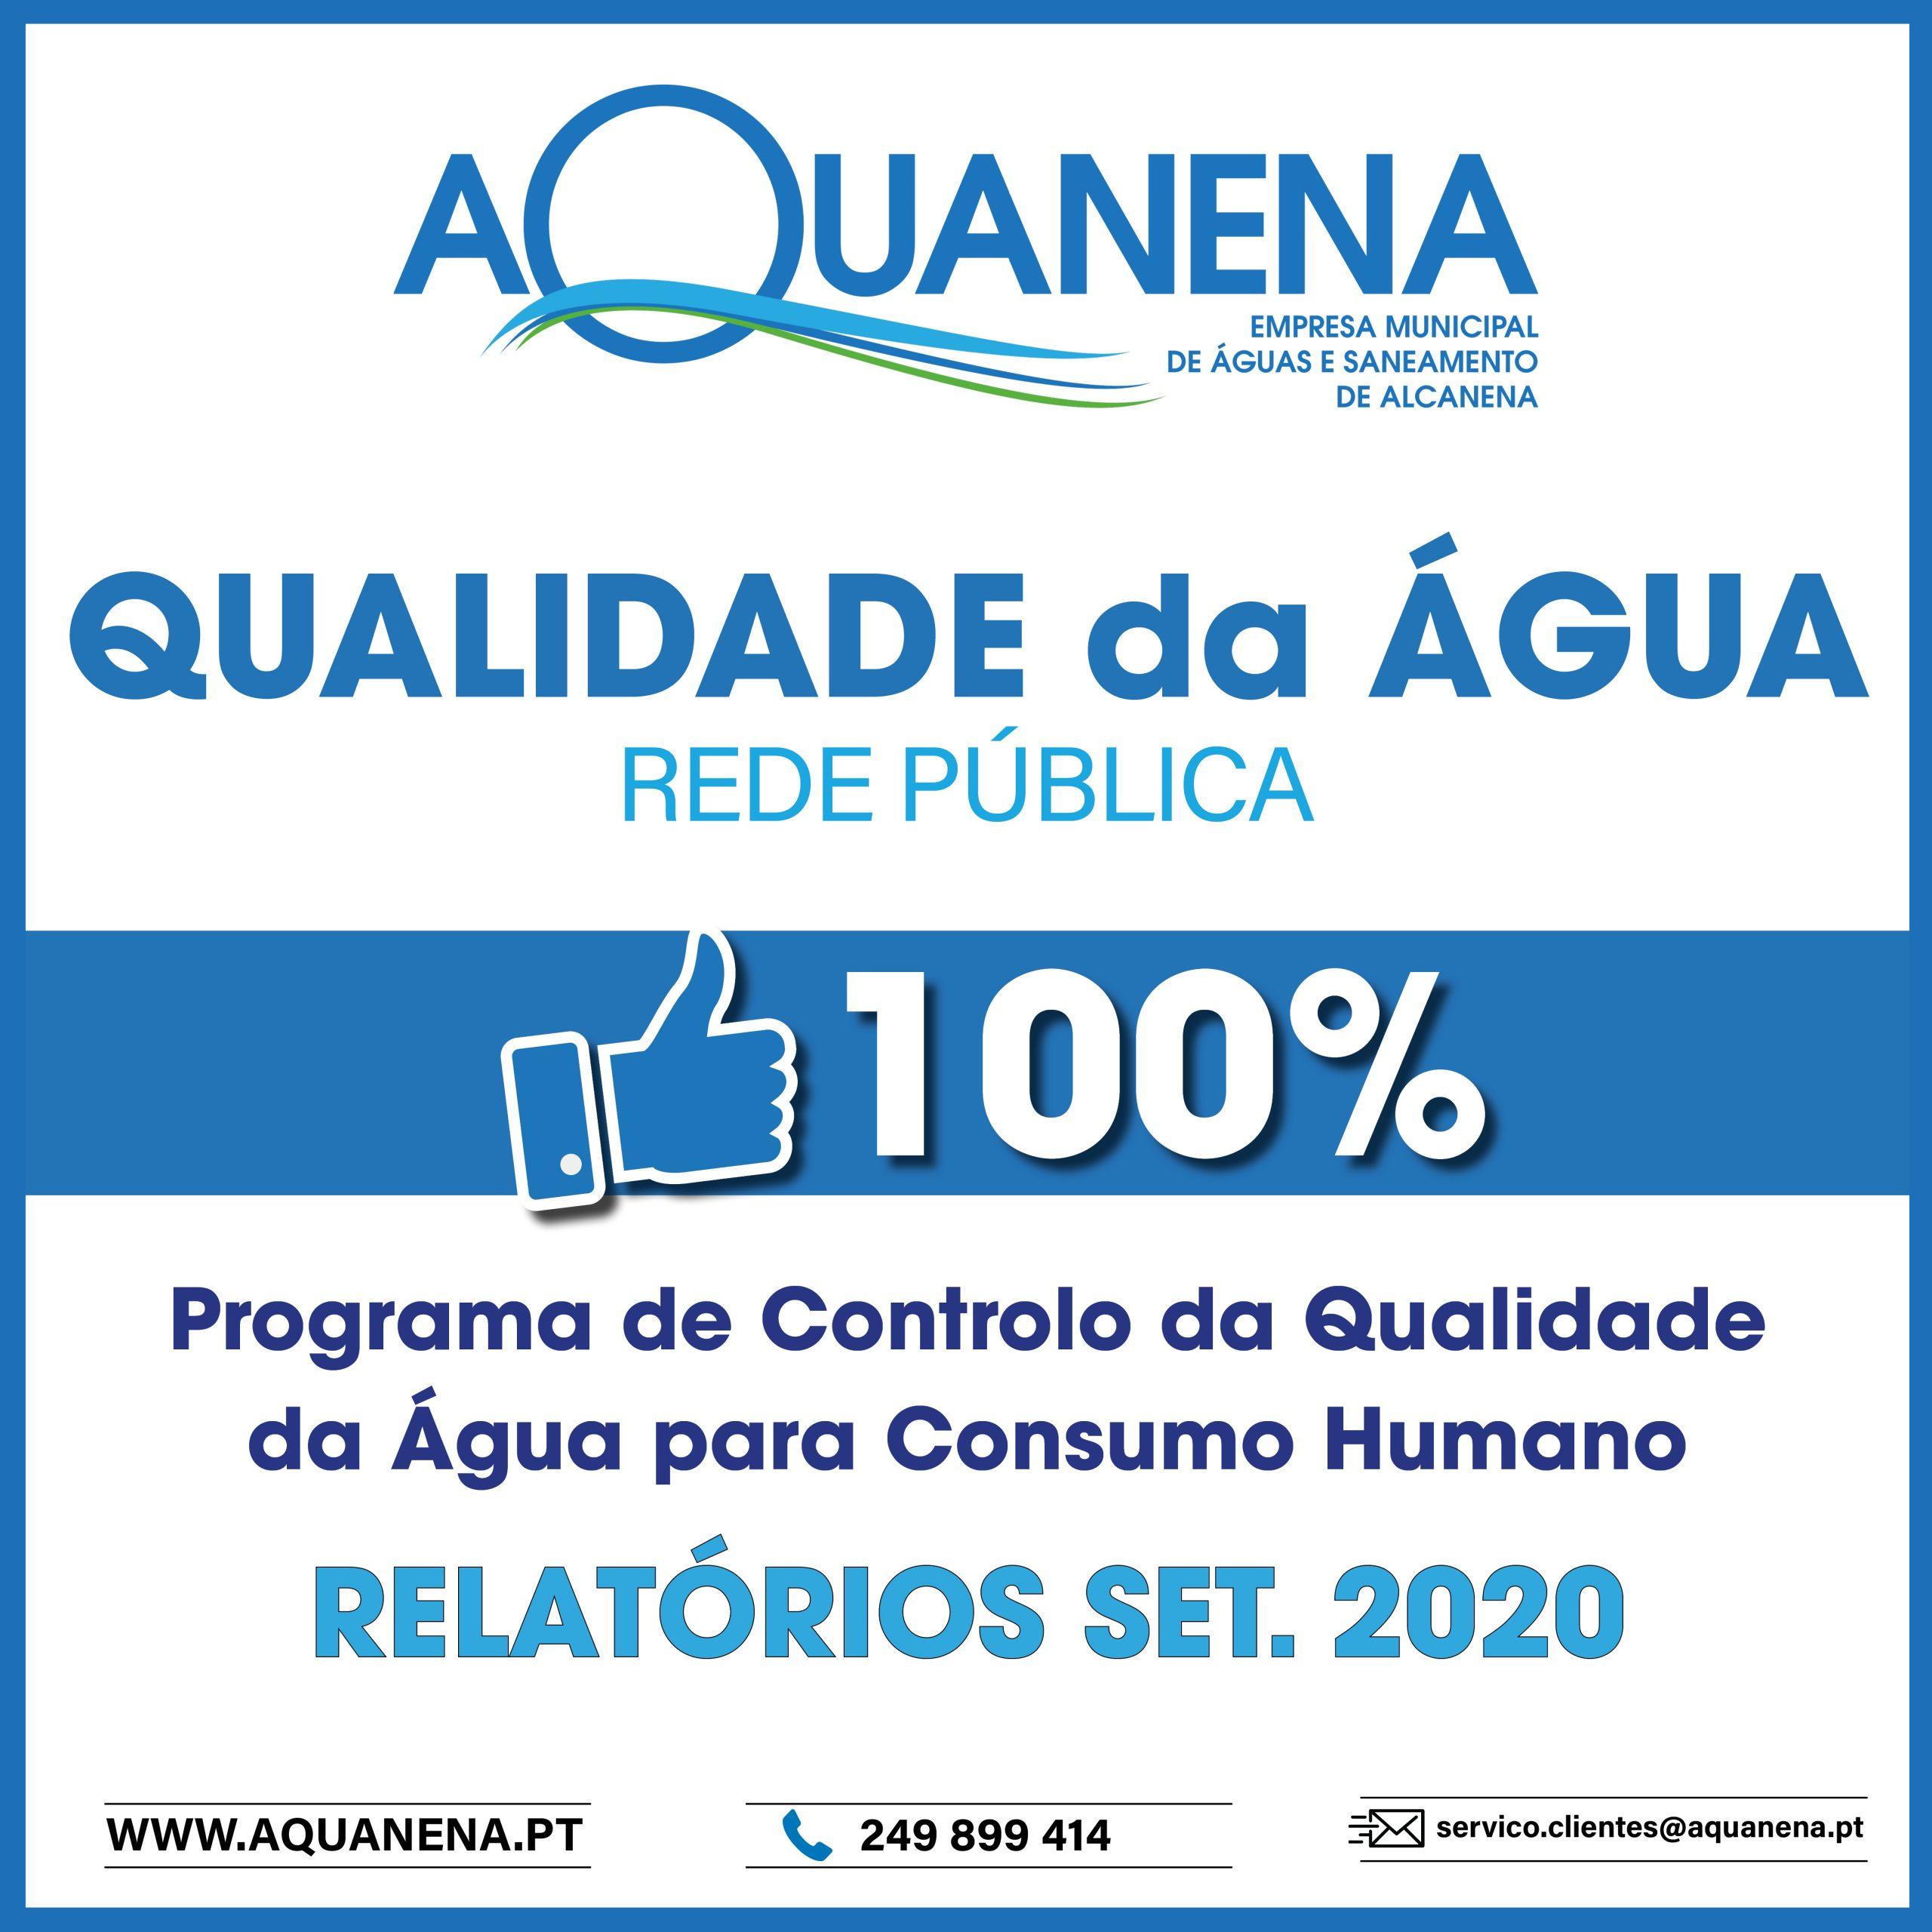 Água para consumo humano cumpre critérios a 100% no concelho de Alcanena